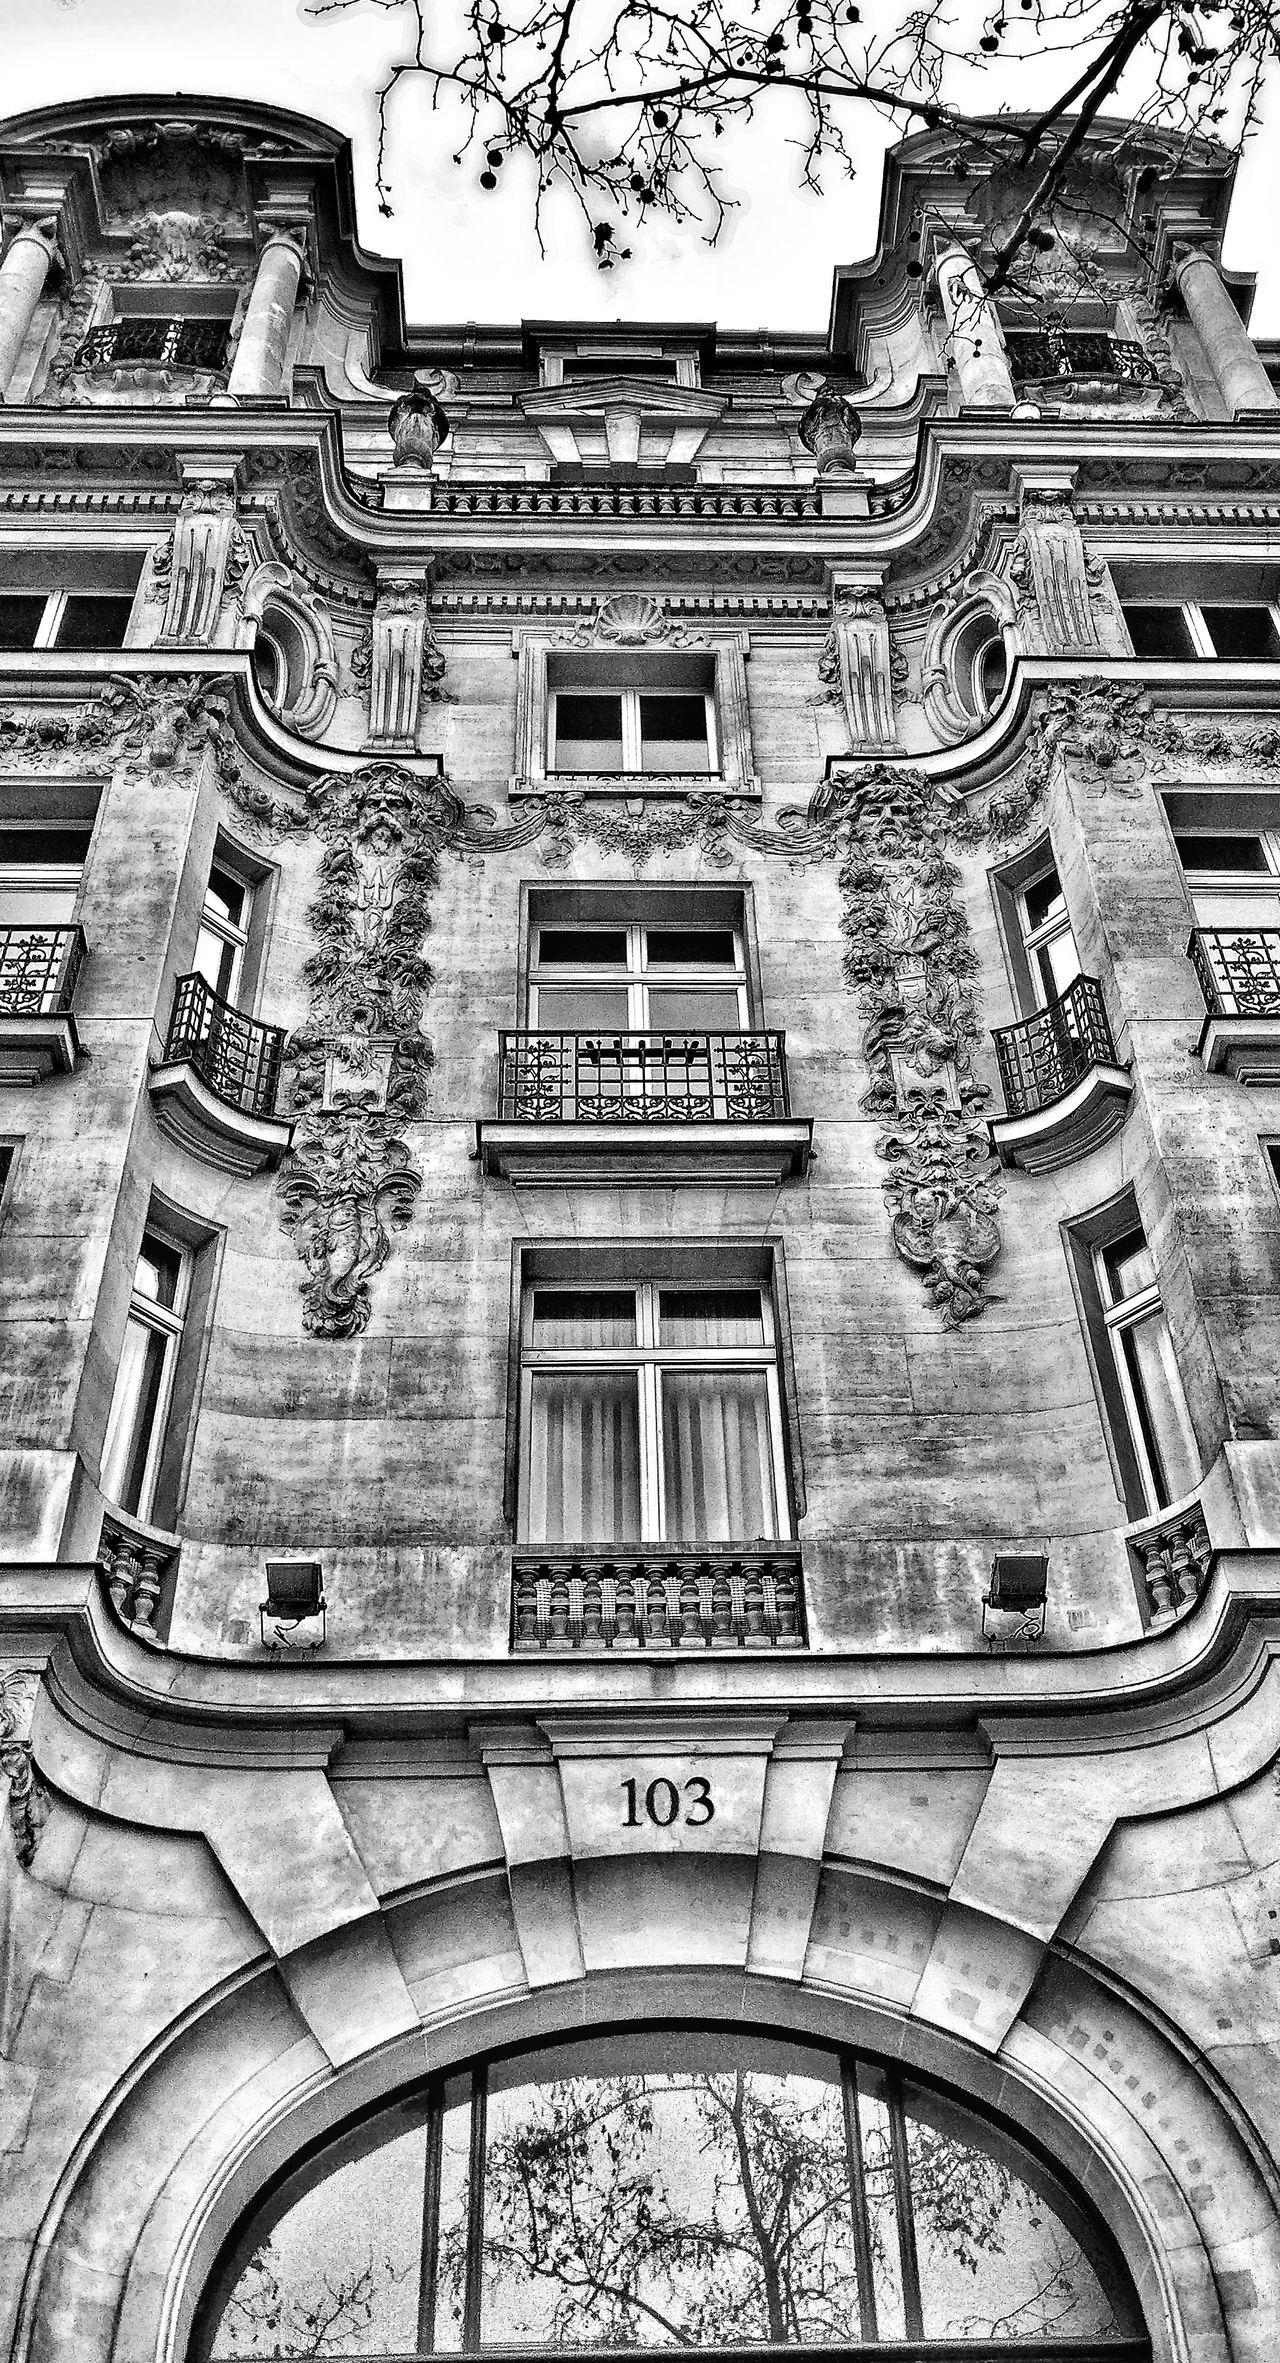 Built Structure No People Day City Oneplus3 Snapseed PhonePhotography France 🇫🇷 Paris Architecture Outdoors Champselysées Plus Belle Avenue Du Monde